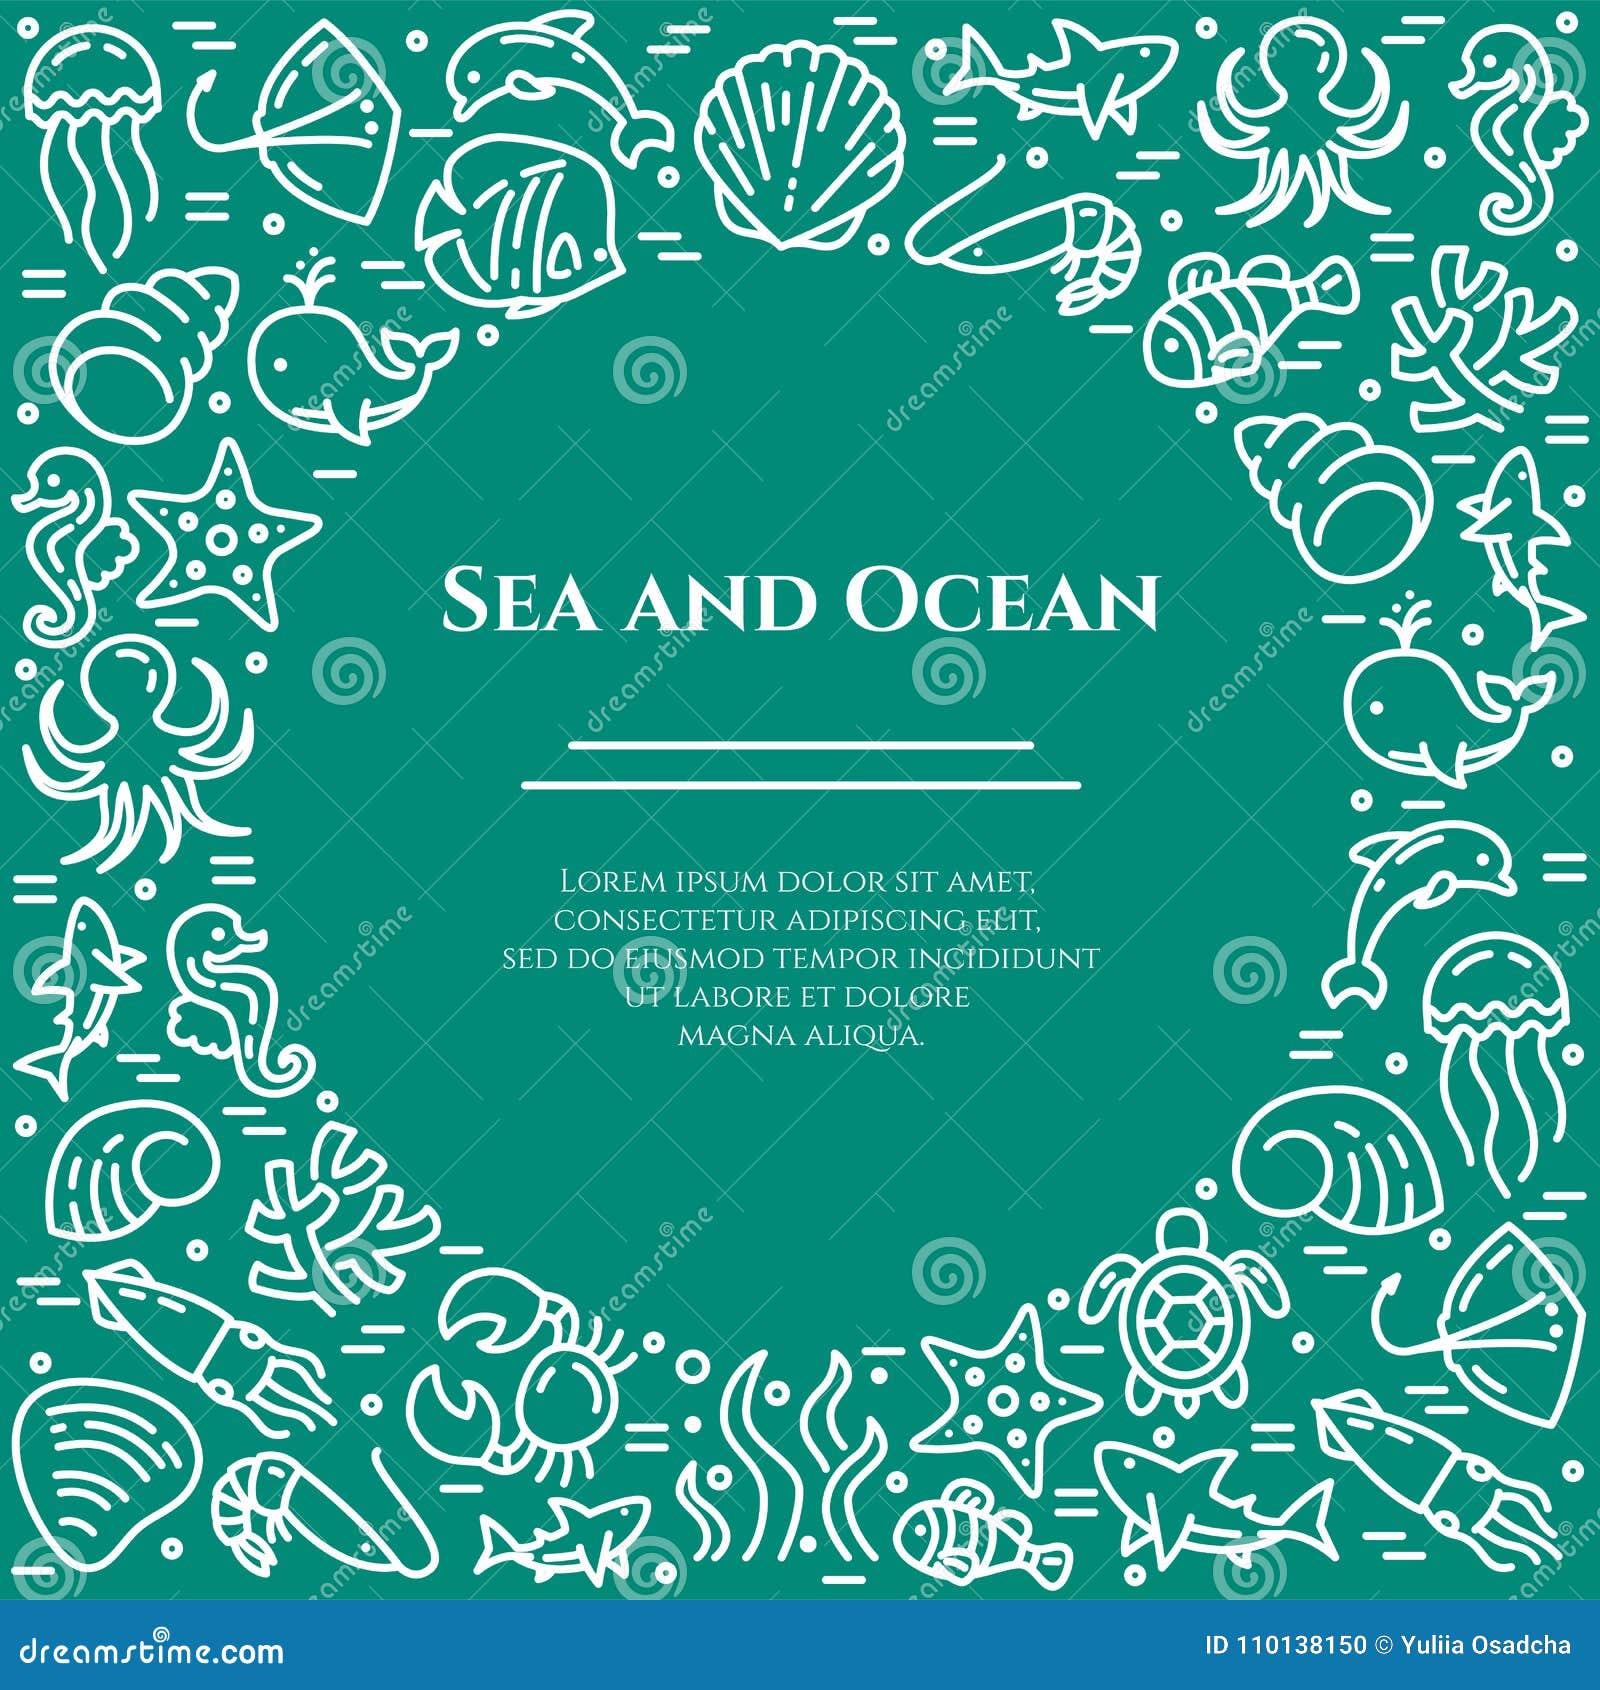 Marinethemaaquamarin und weiße Fahne Piktogramme von Fischen, Oberteil, Krabbe, Haifisch, Delphin, Schildkröte, andere Meerestier